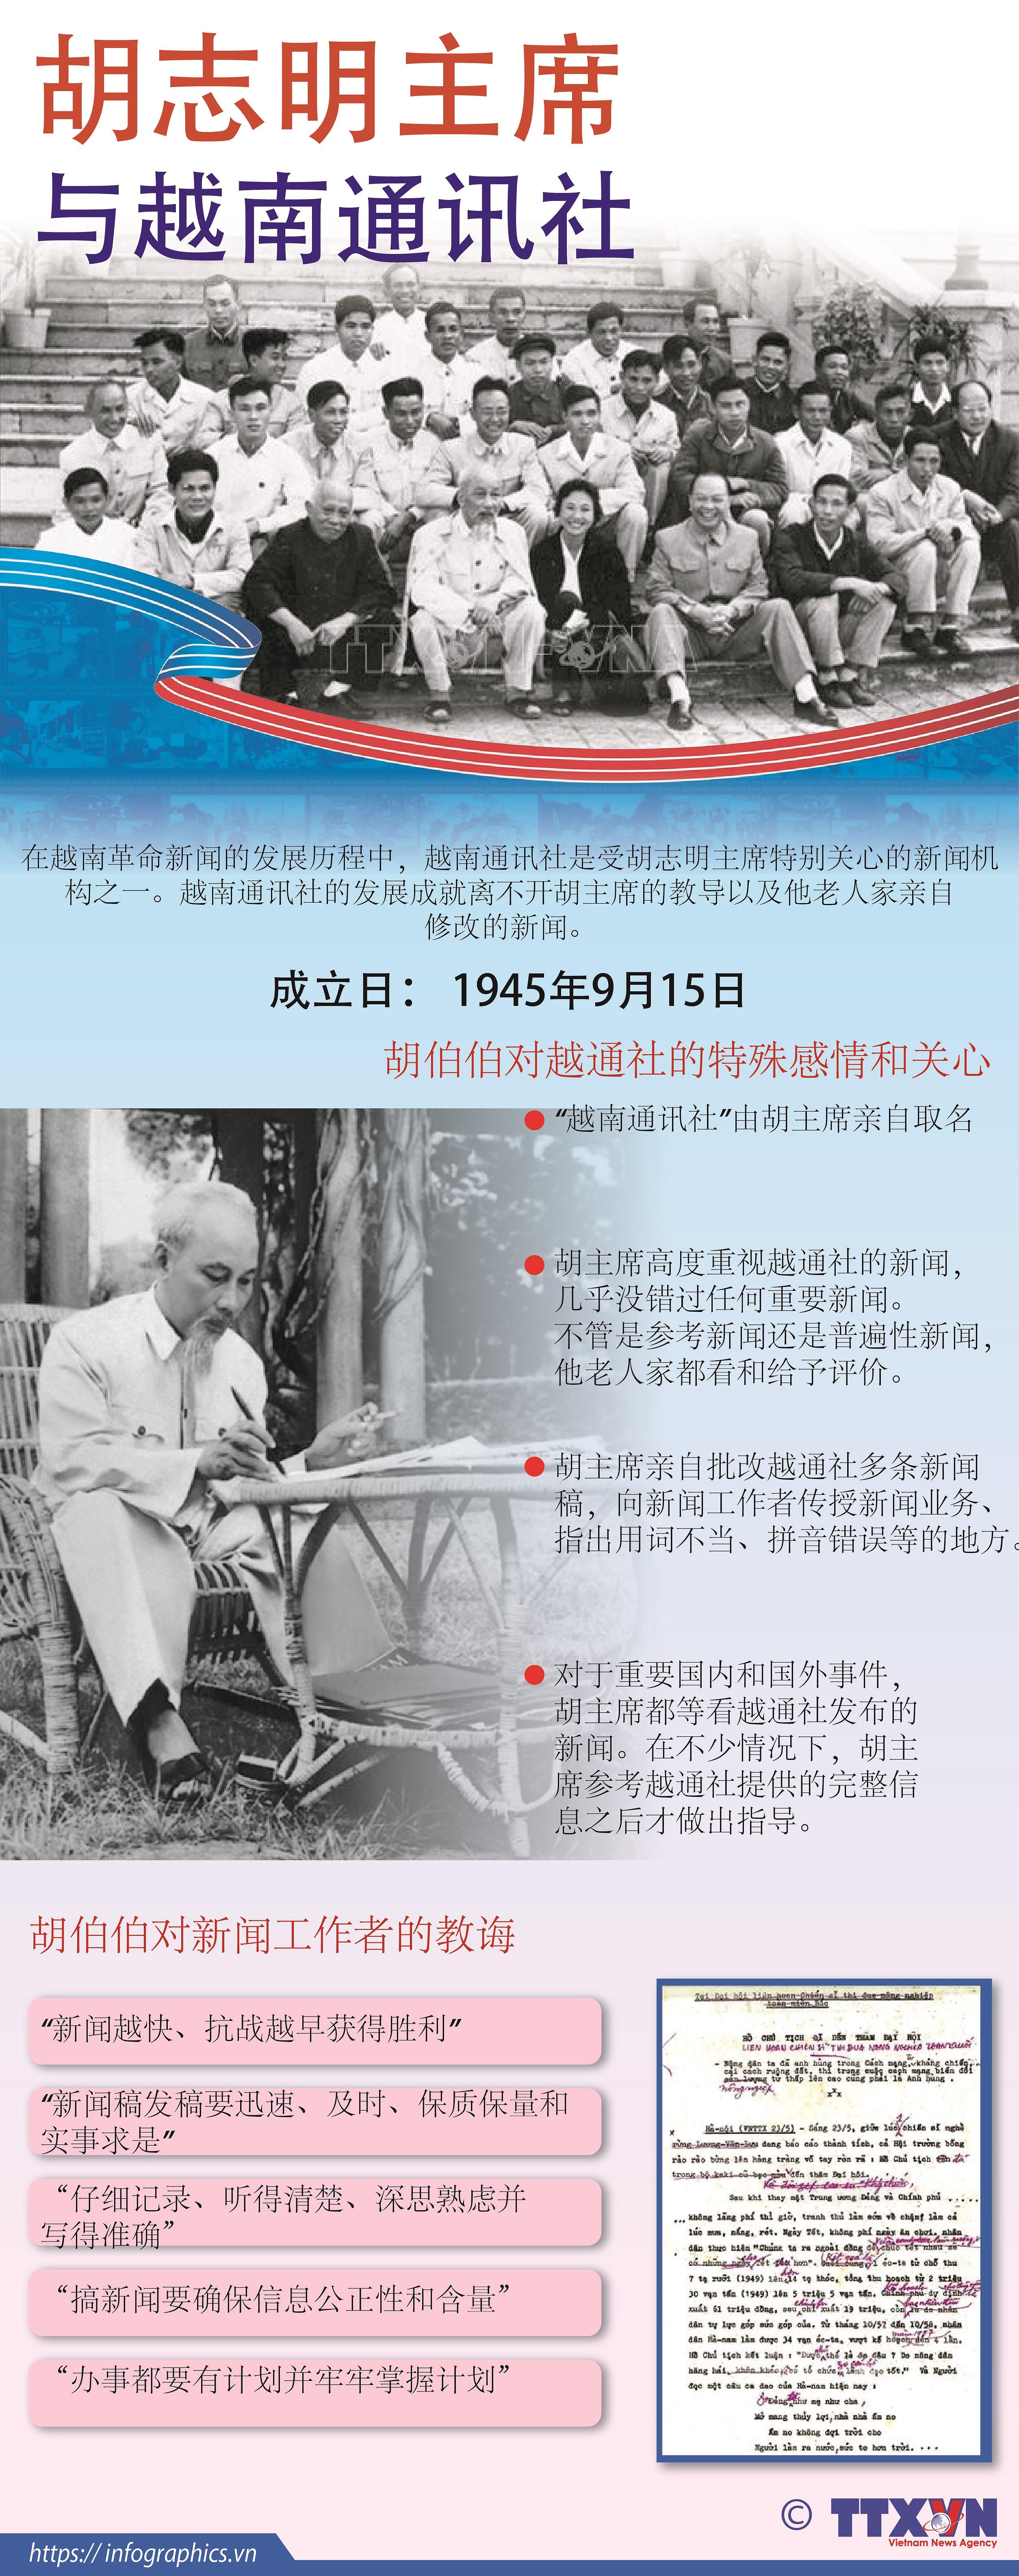 图表新闻:胡志明主席与越南通讯社 hinh anh 1